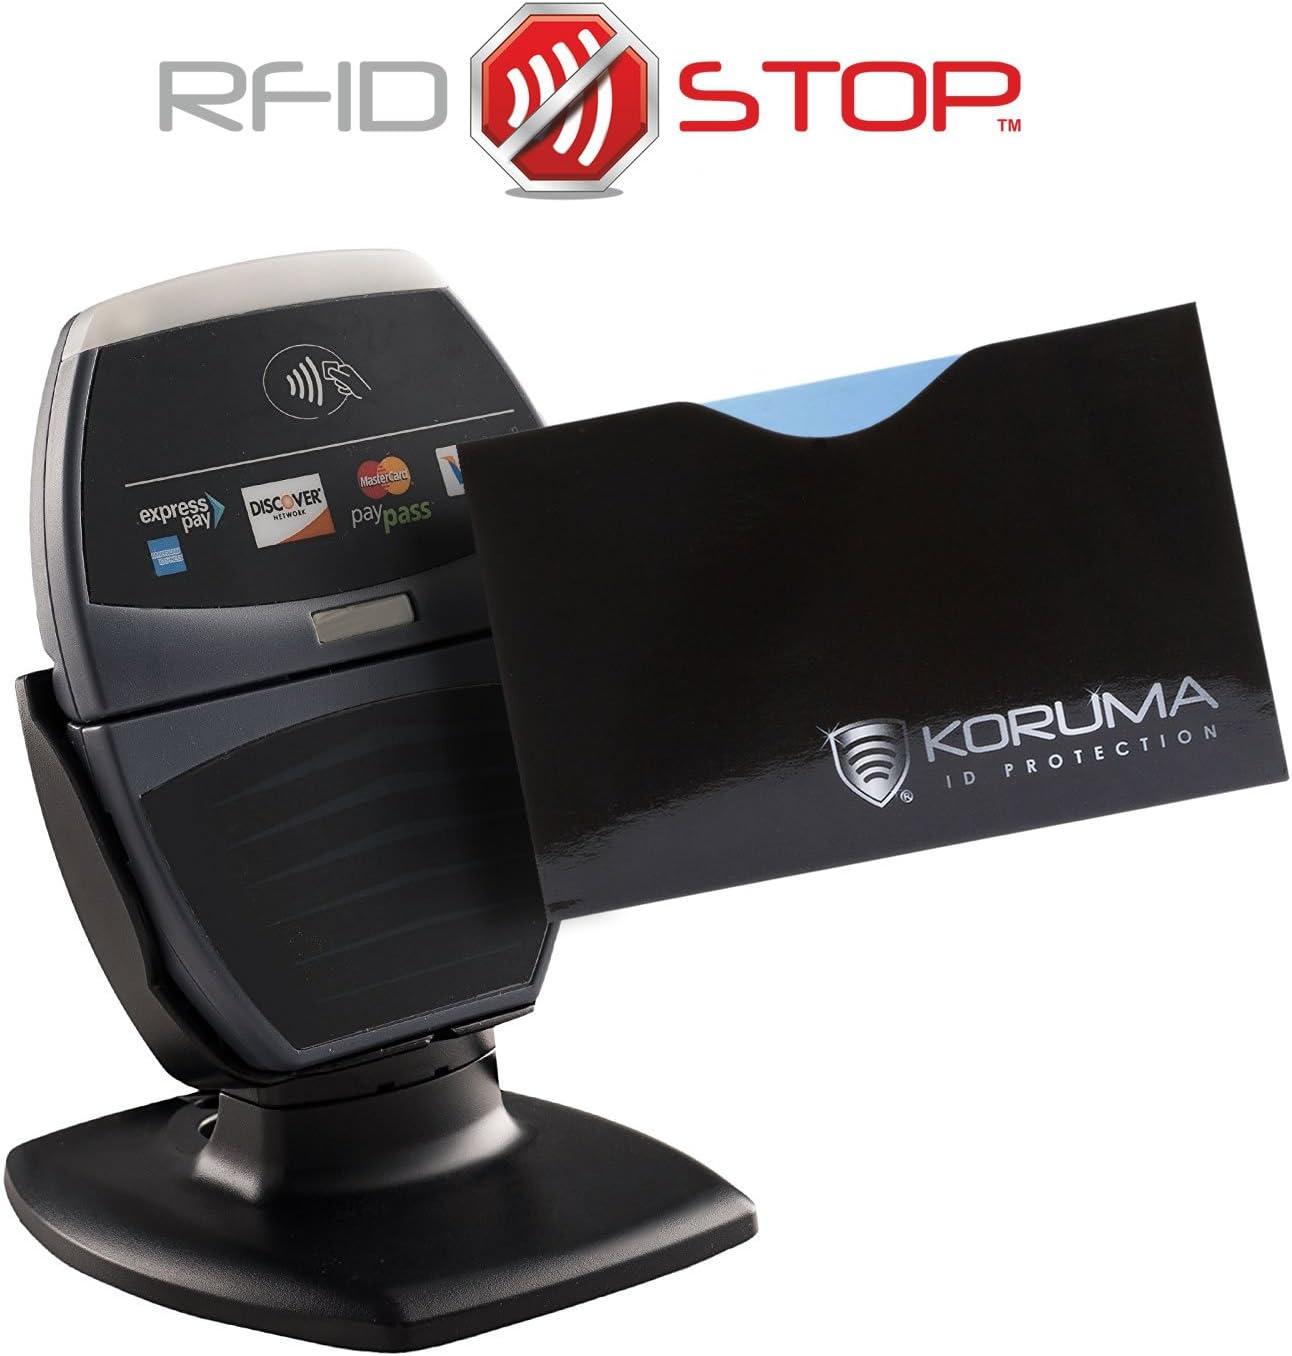 /Étui prot/ége des cartes de cr/édit protection portefeuille Titulaire KUK-87HBLS d/ébit bloquant les signaux RFID // NFC 2 Pack